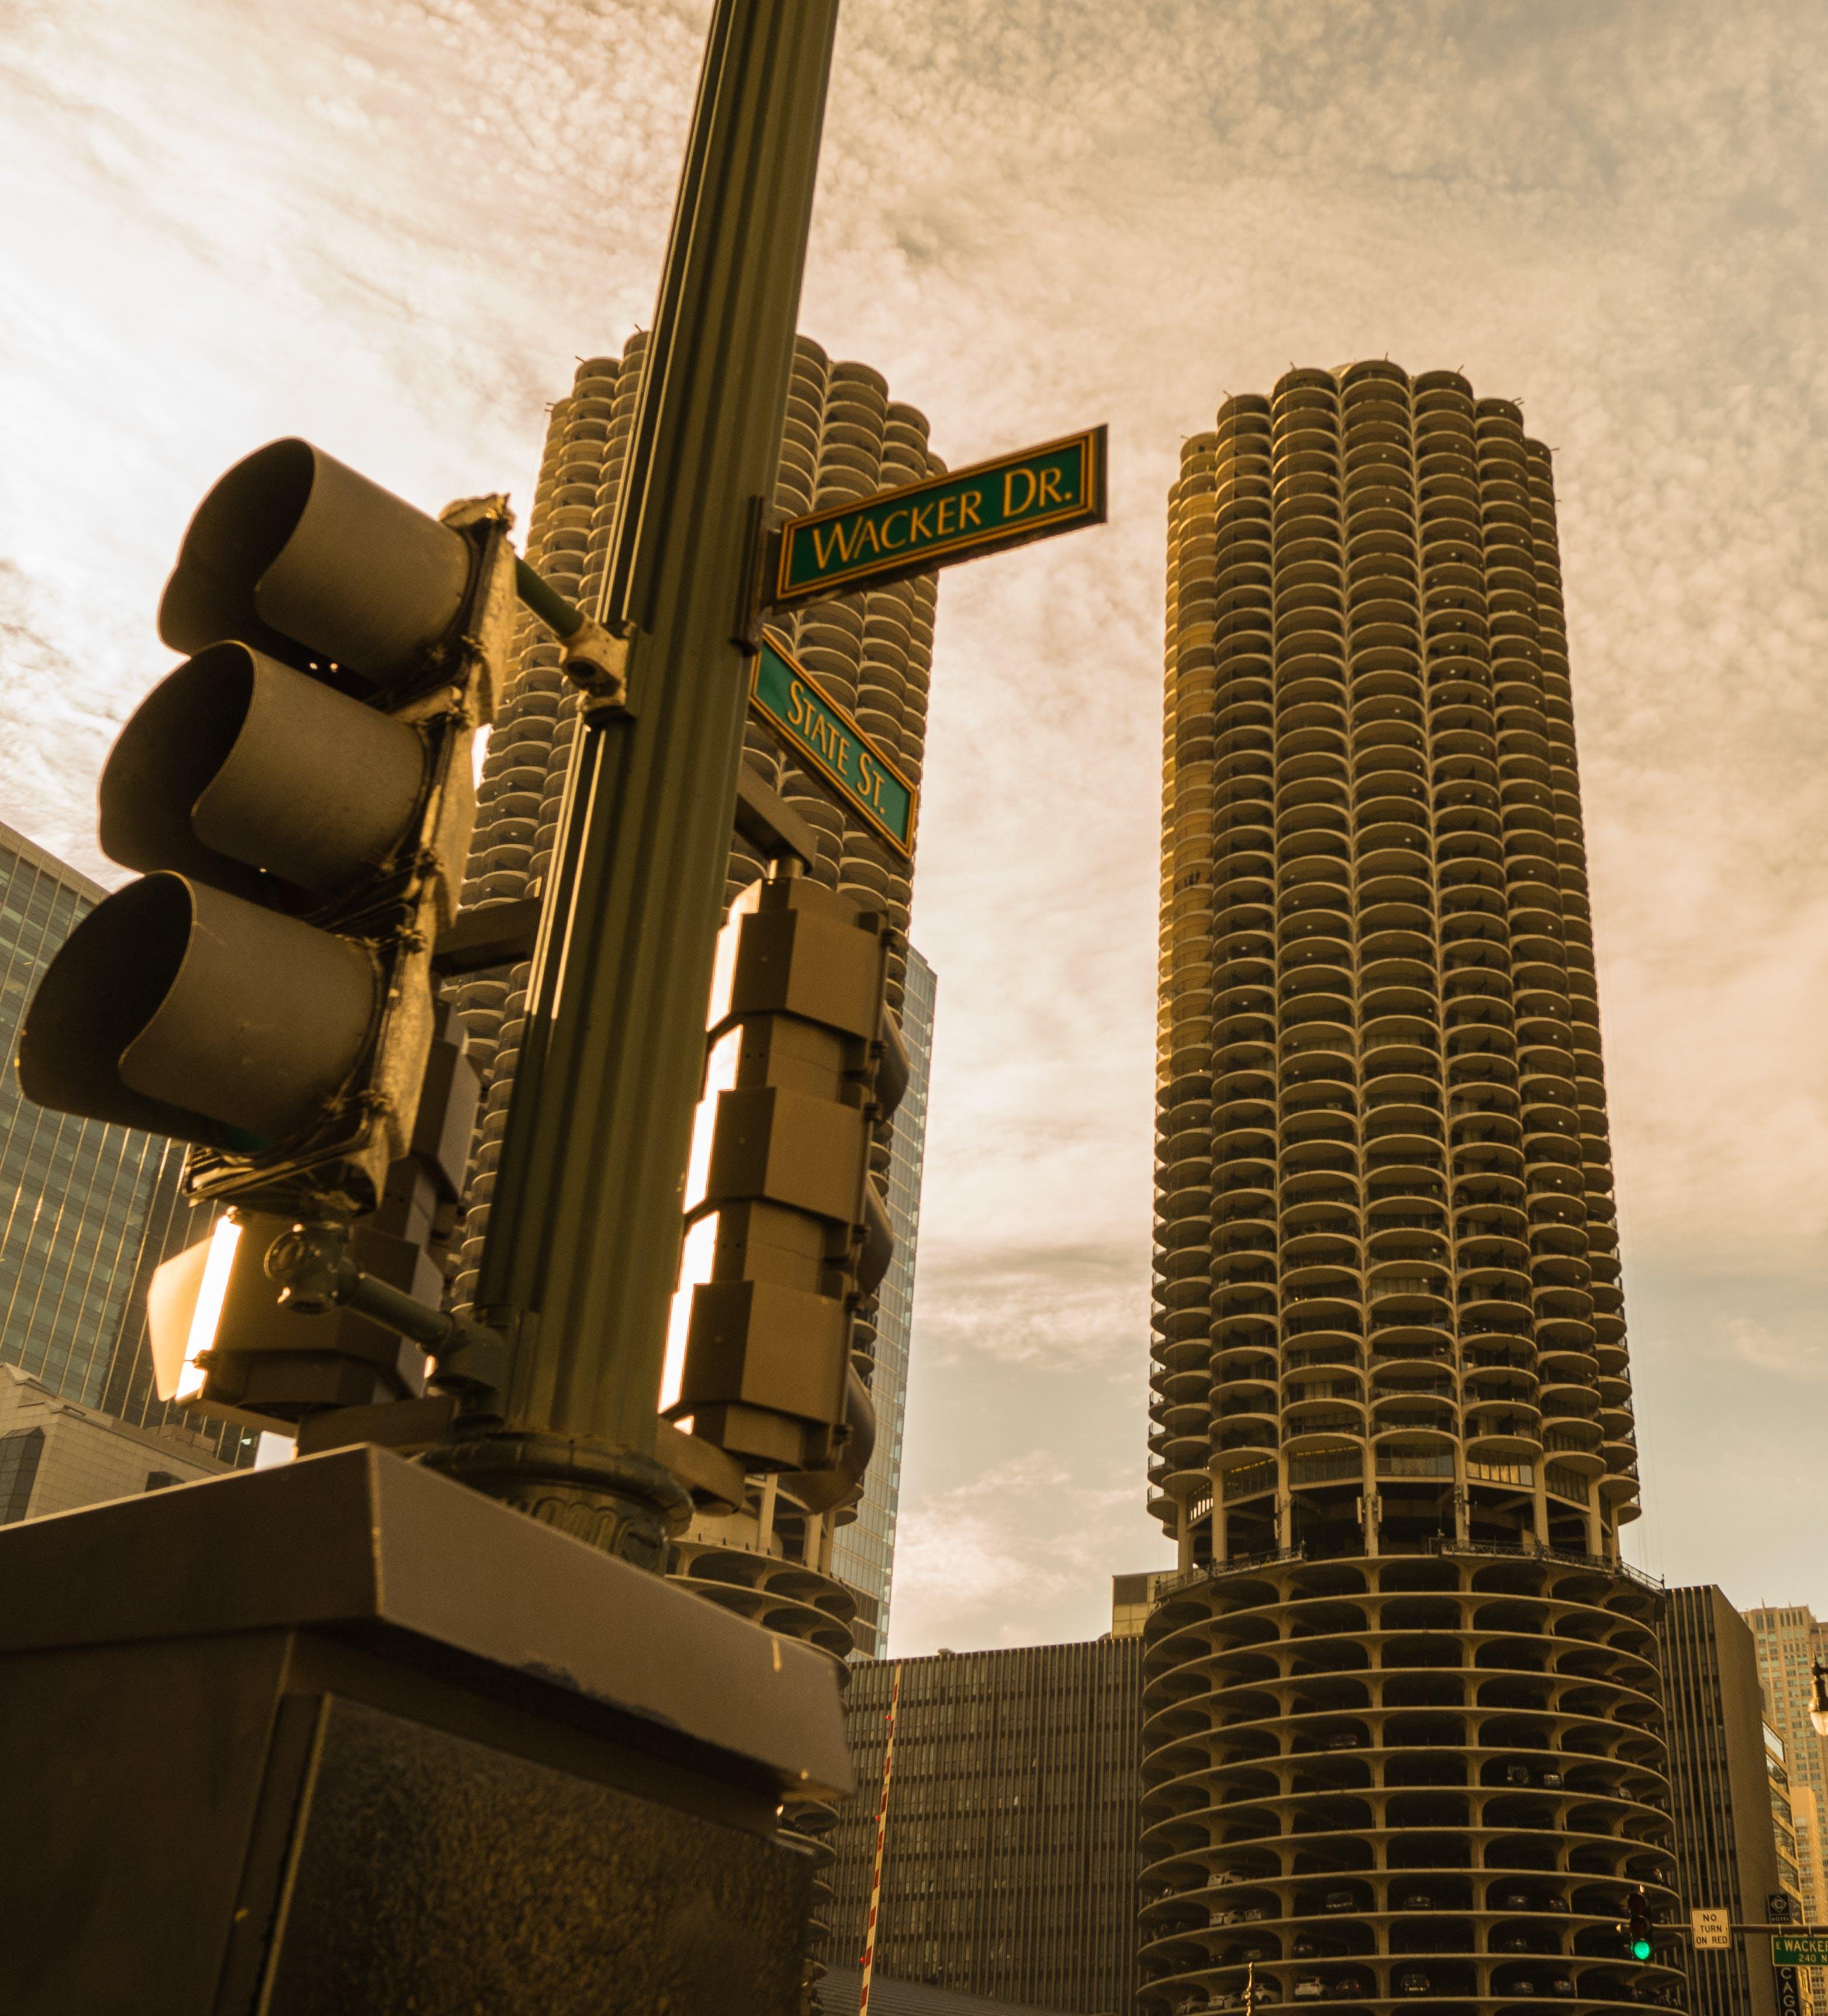 Kostenloses Stock Foto zu chicago, licht, niederländische neigung, orange